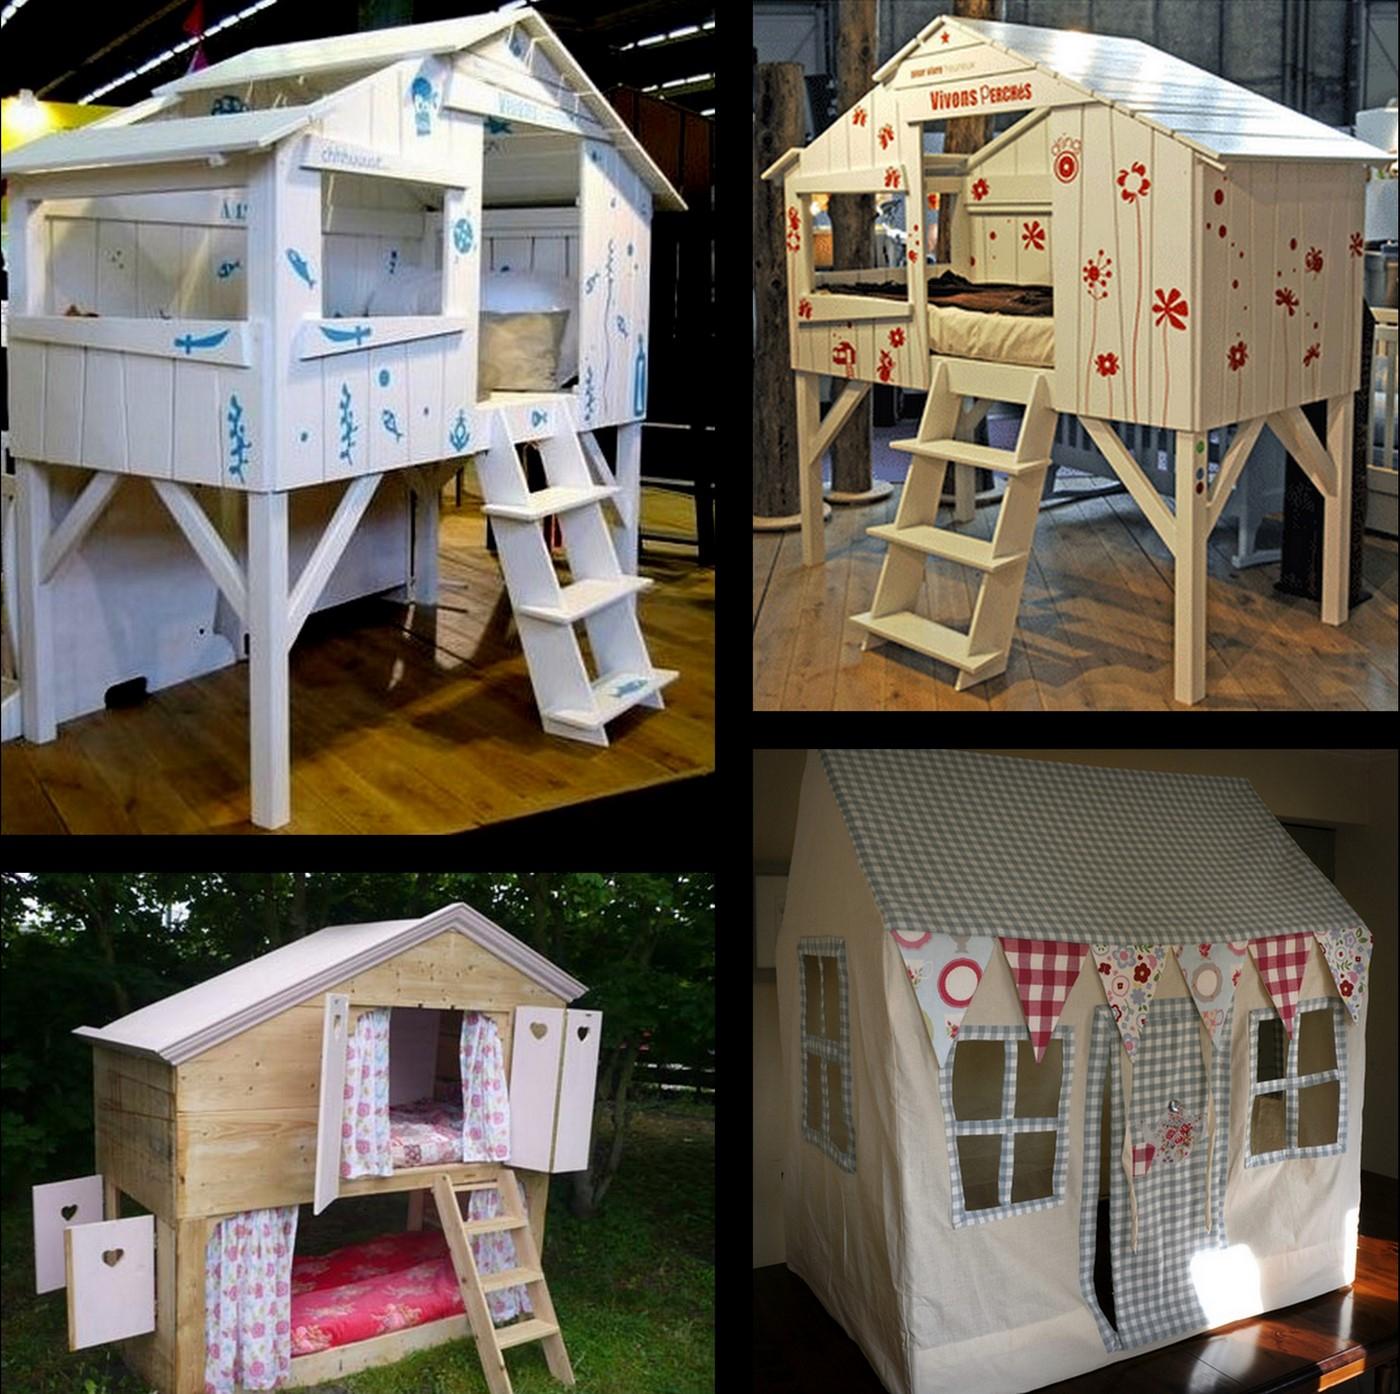 Cabane Enfant Lit Boncoin Maisonnette Boncoin Leboncoin à Le Bon Coin Abri De Jardin